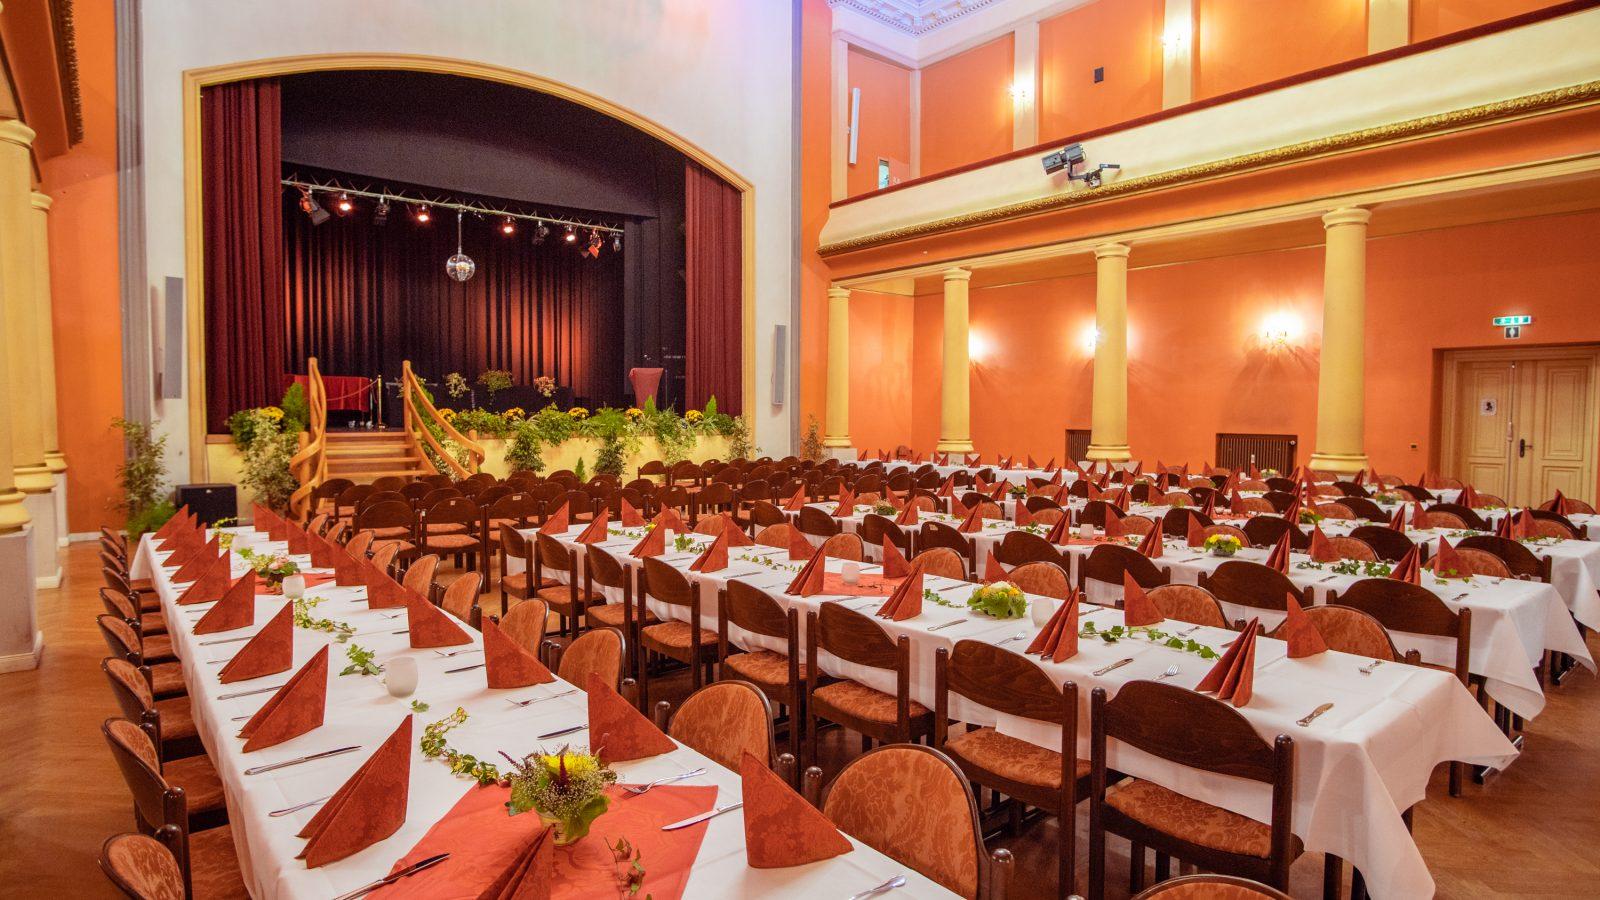 Großer Saal bei einer Abschlussfeier einer Schule